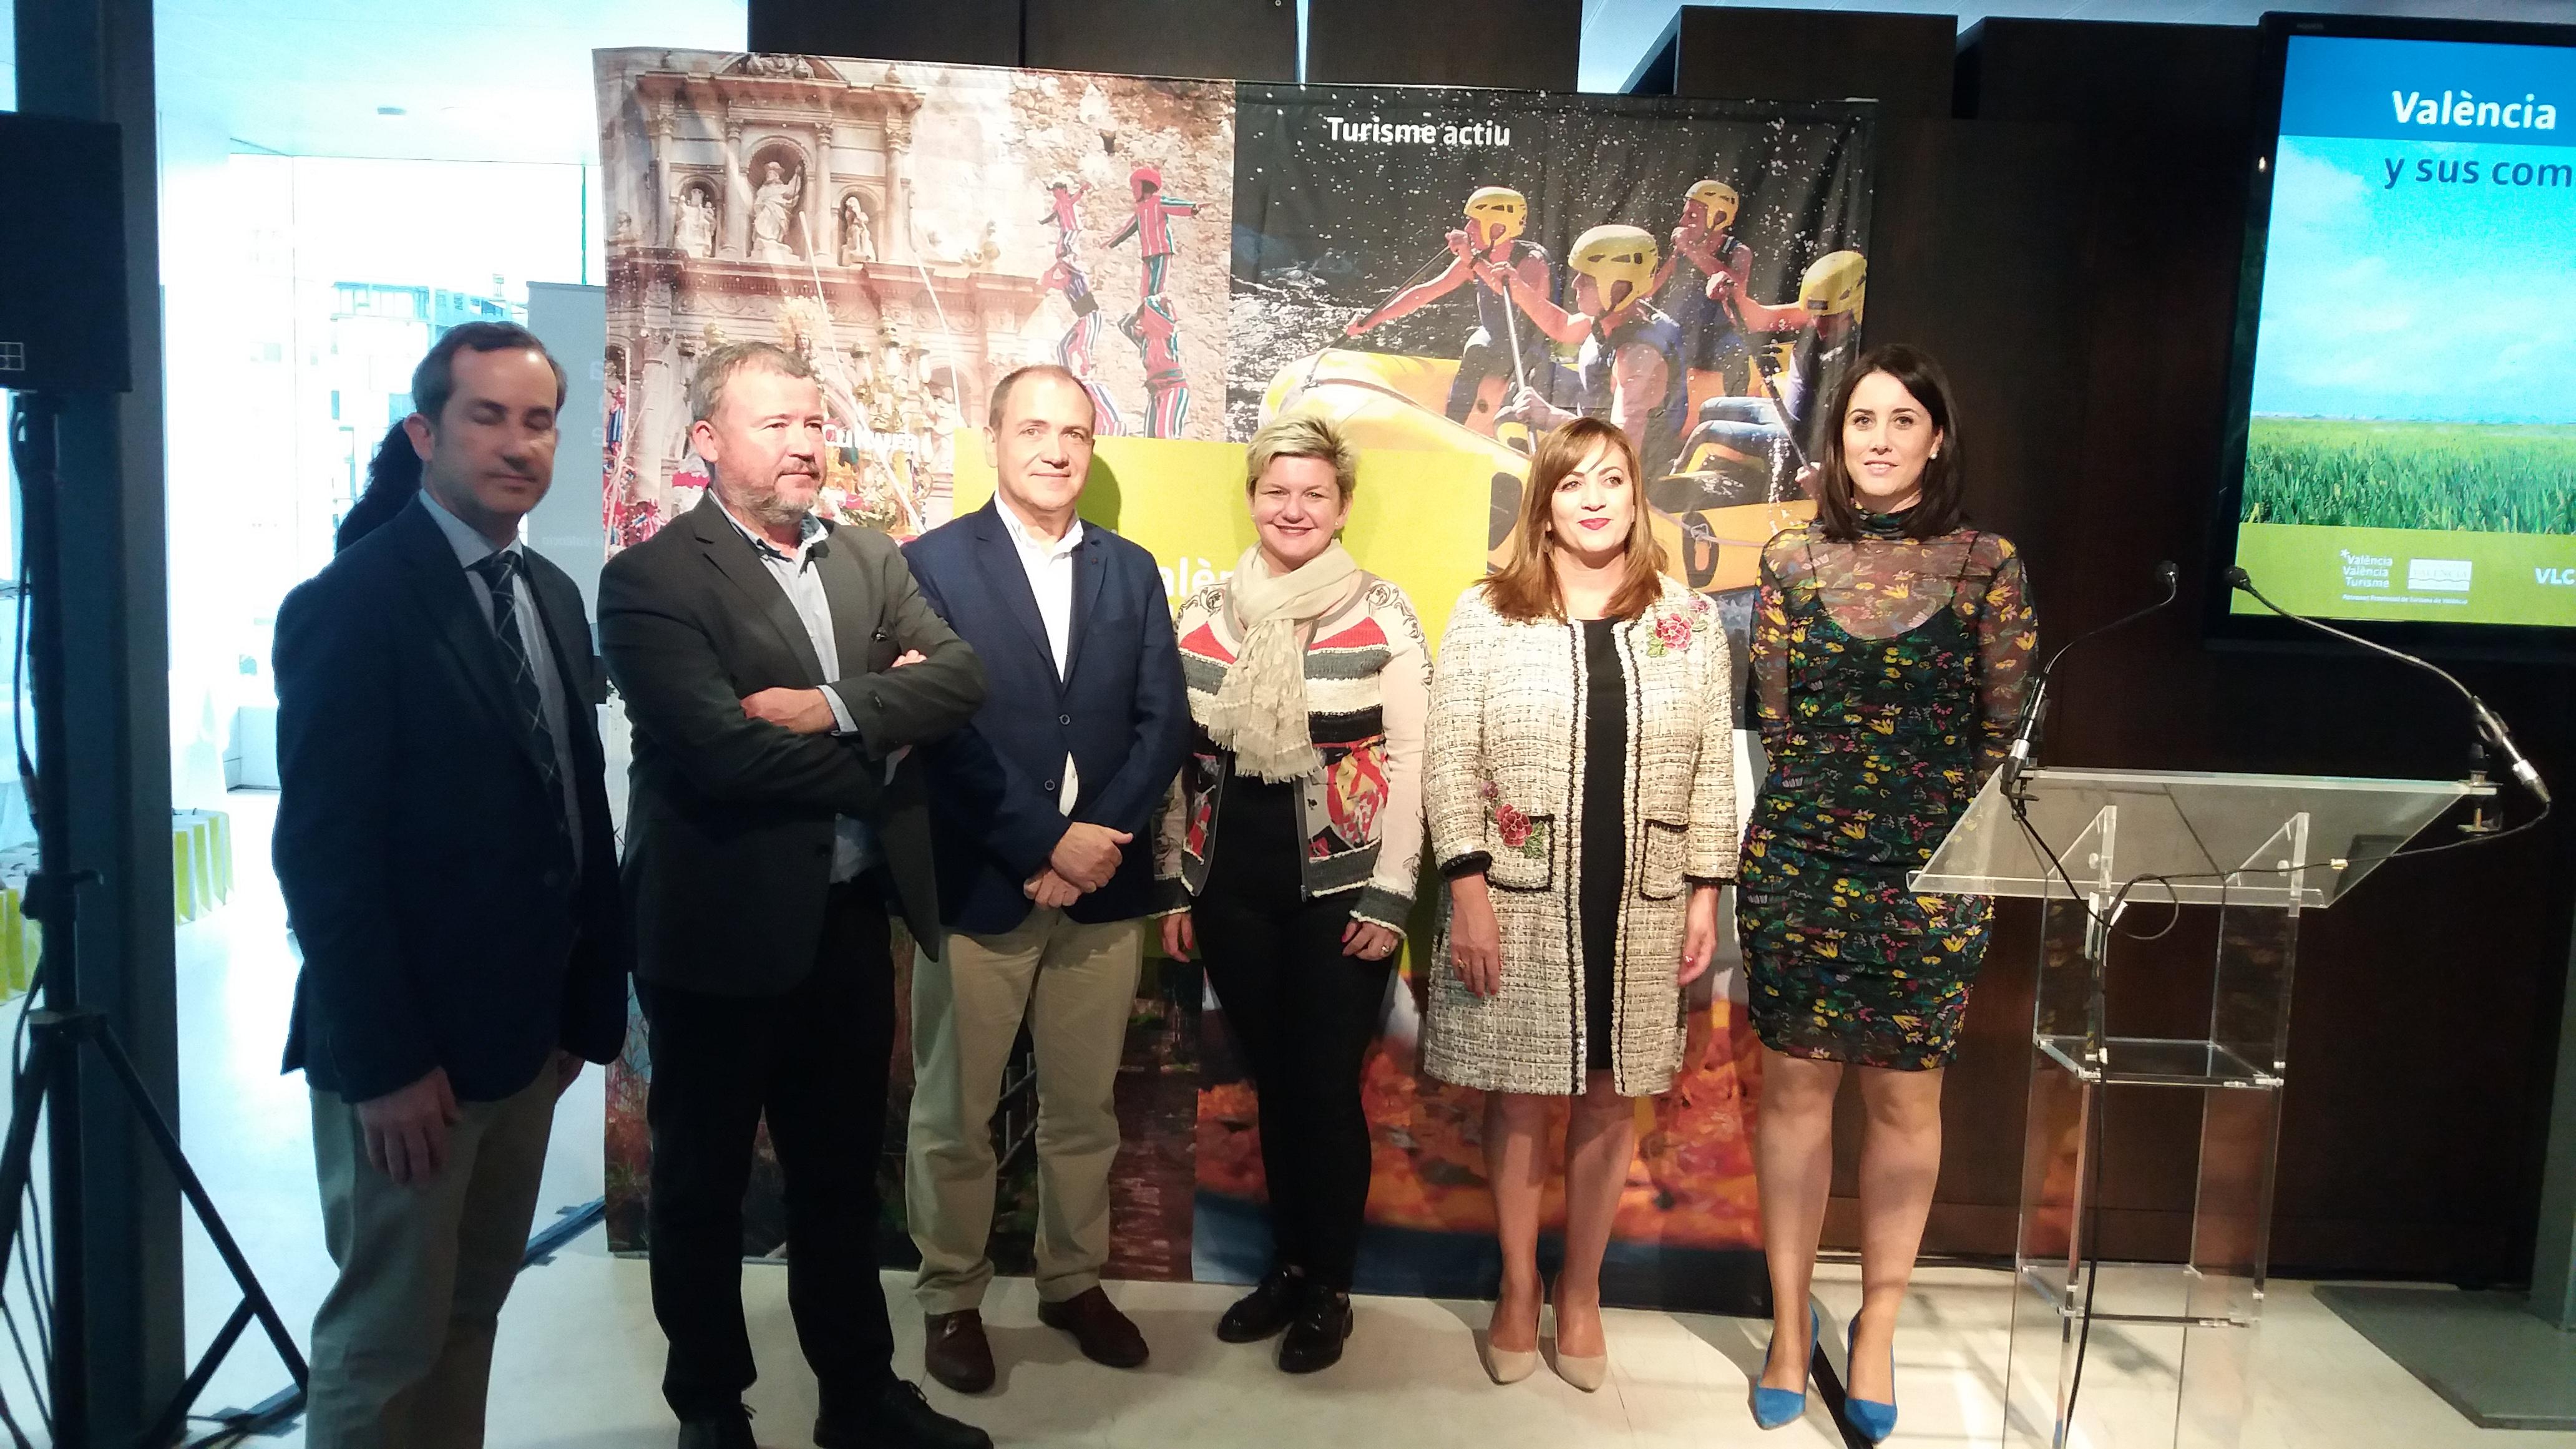 """Pilar Moncho presenta territorio y gastronomía local en Bilbao con el programa """"Del tros al plat"""" de València Turisme"""